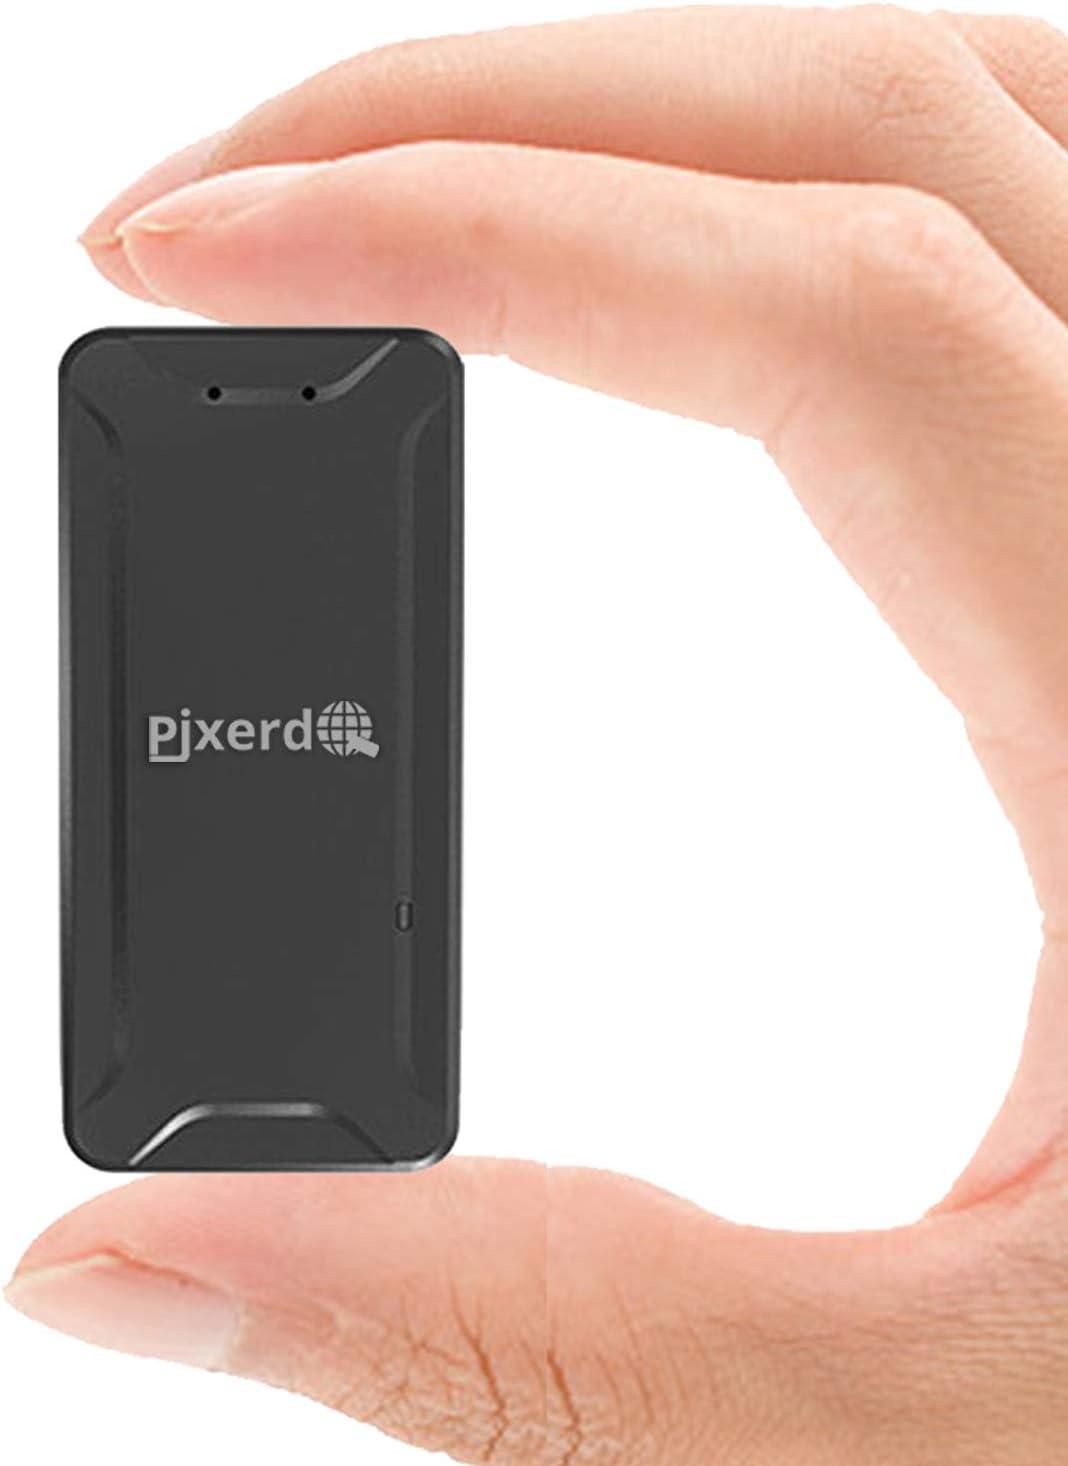 Mini Localizadores GPS, PjxerdQ Real Antirrobo GPS Localizadores para Vehículos/niños con Seguimiento de Actividad Fuerte Imán Recargable GPS Tracker con Aplicación Gratuita para Android iOS AT2